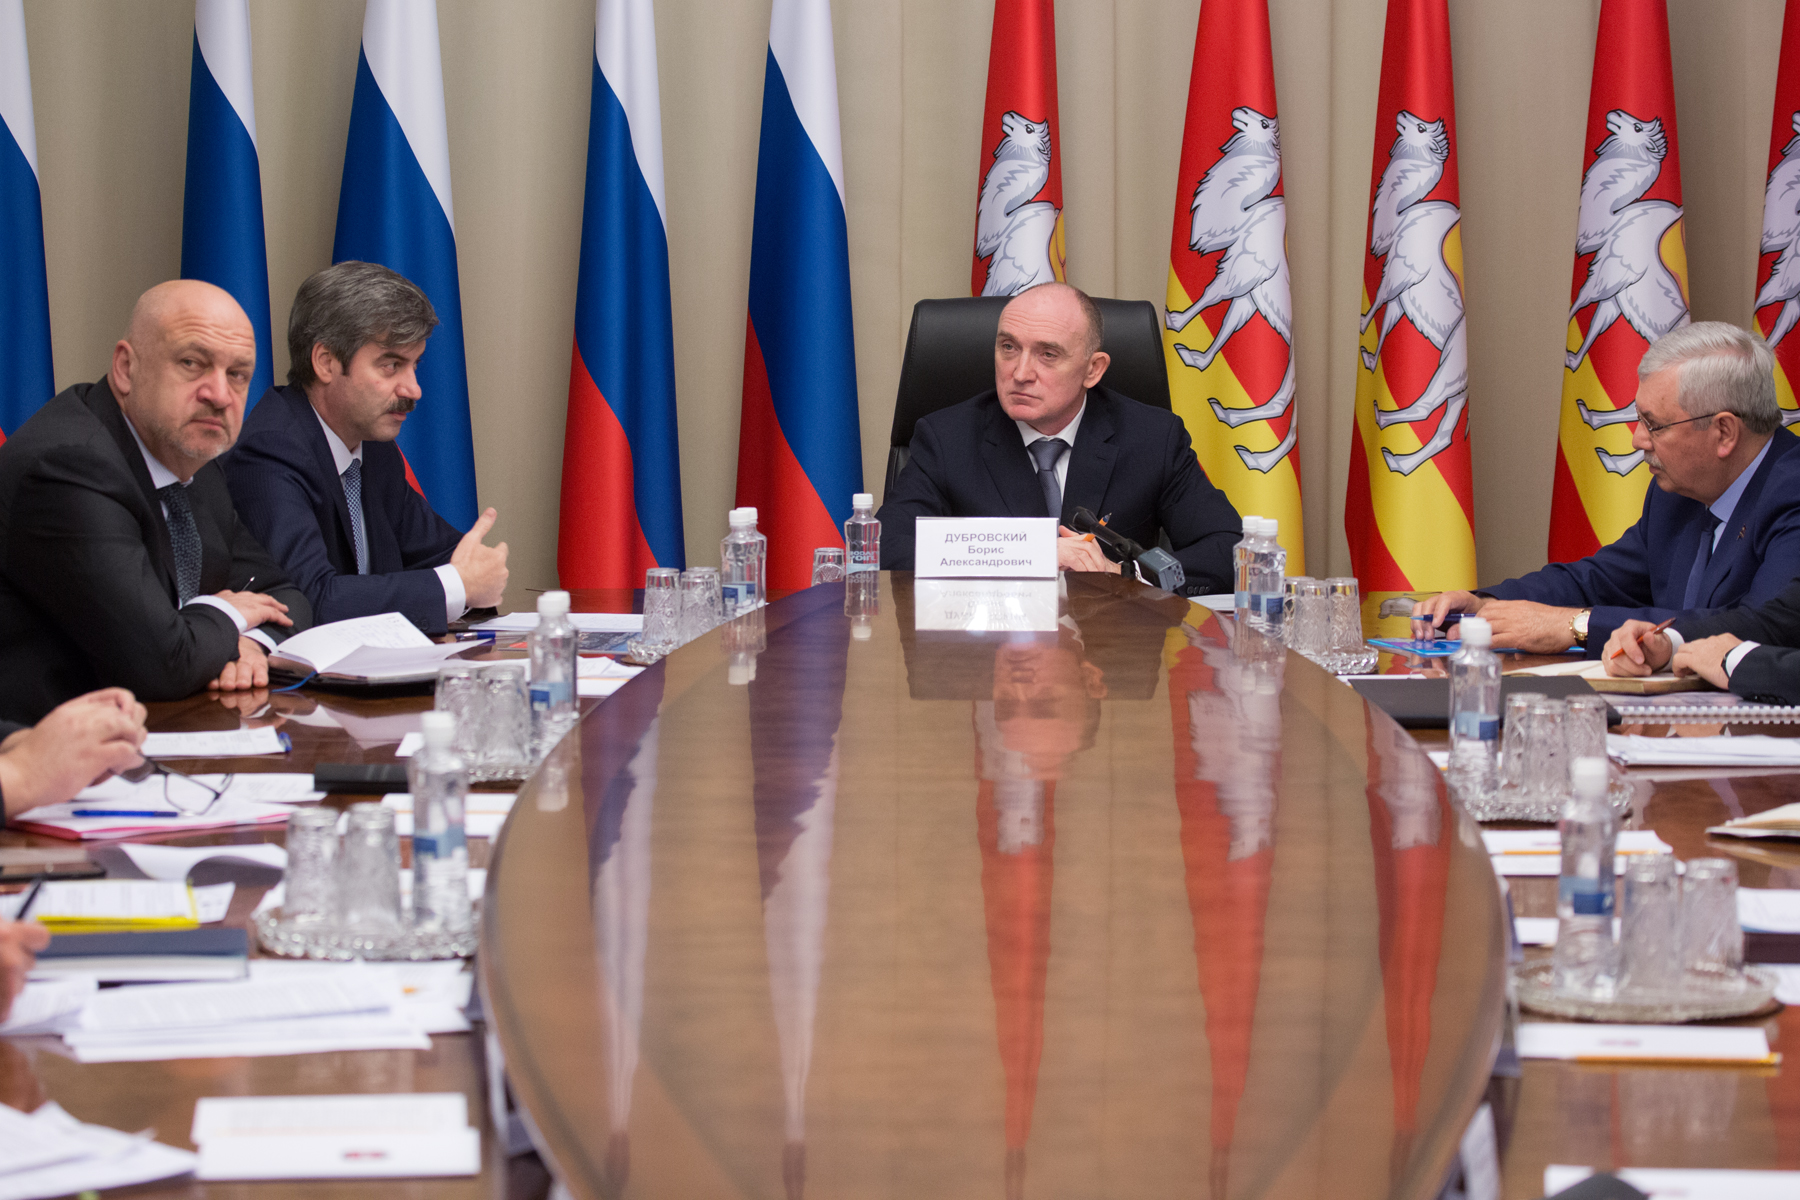 В 2019 году Челябинская область направит не менее двух миллиардов рублей из регионального бюджета